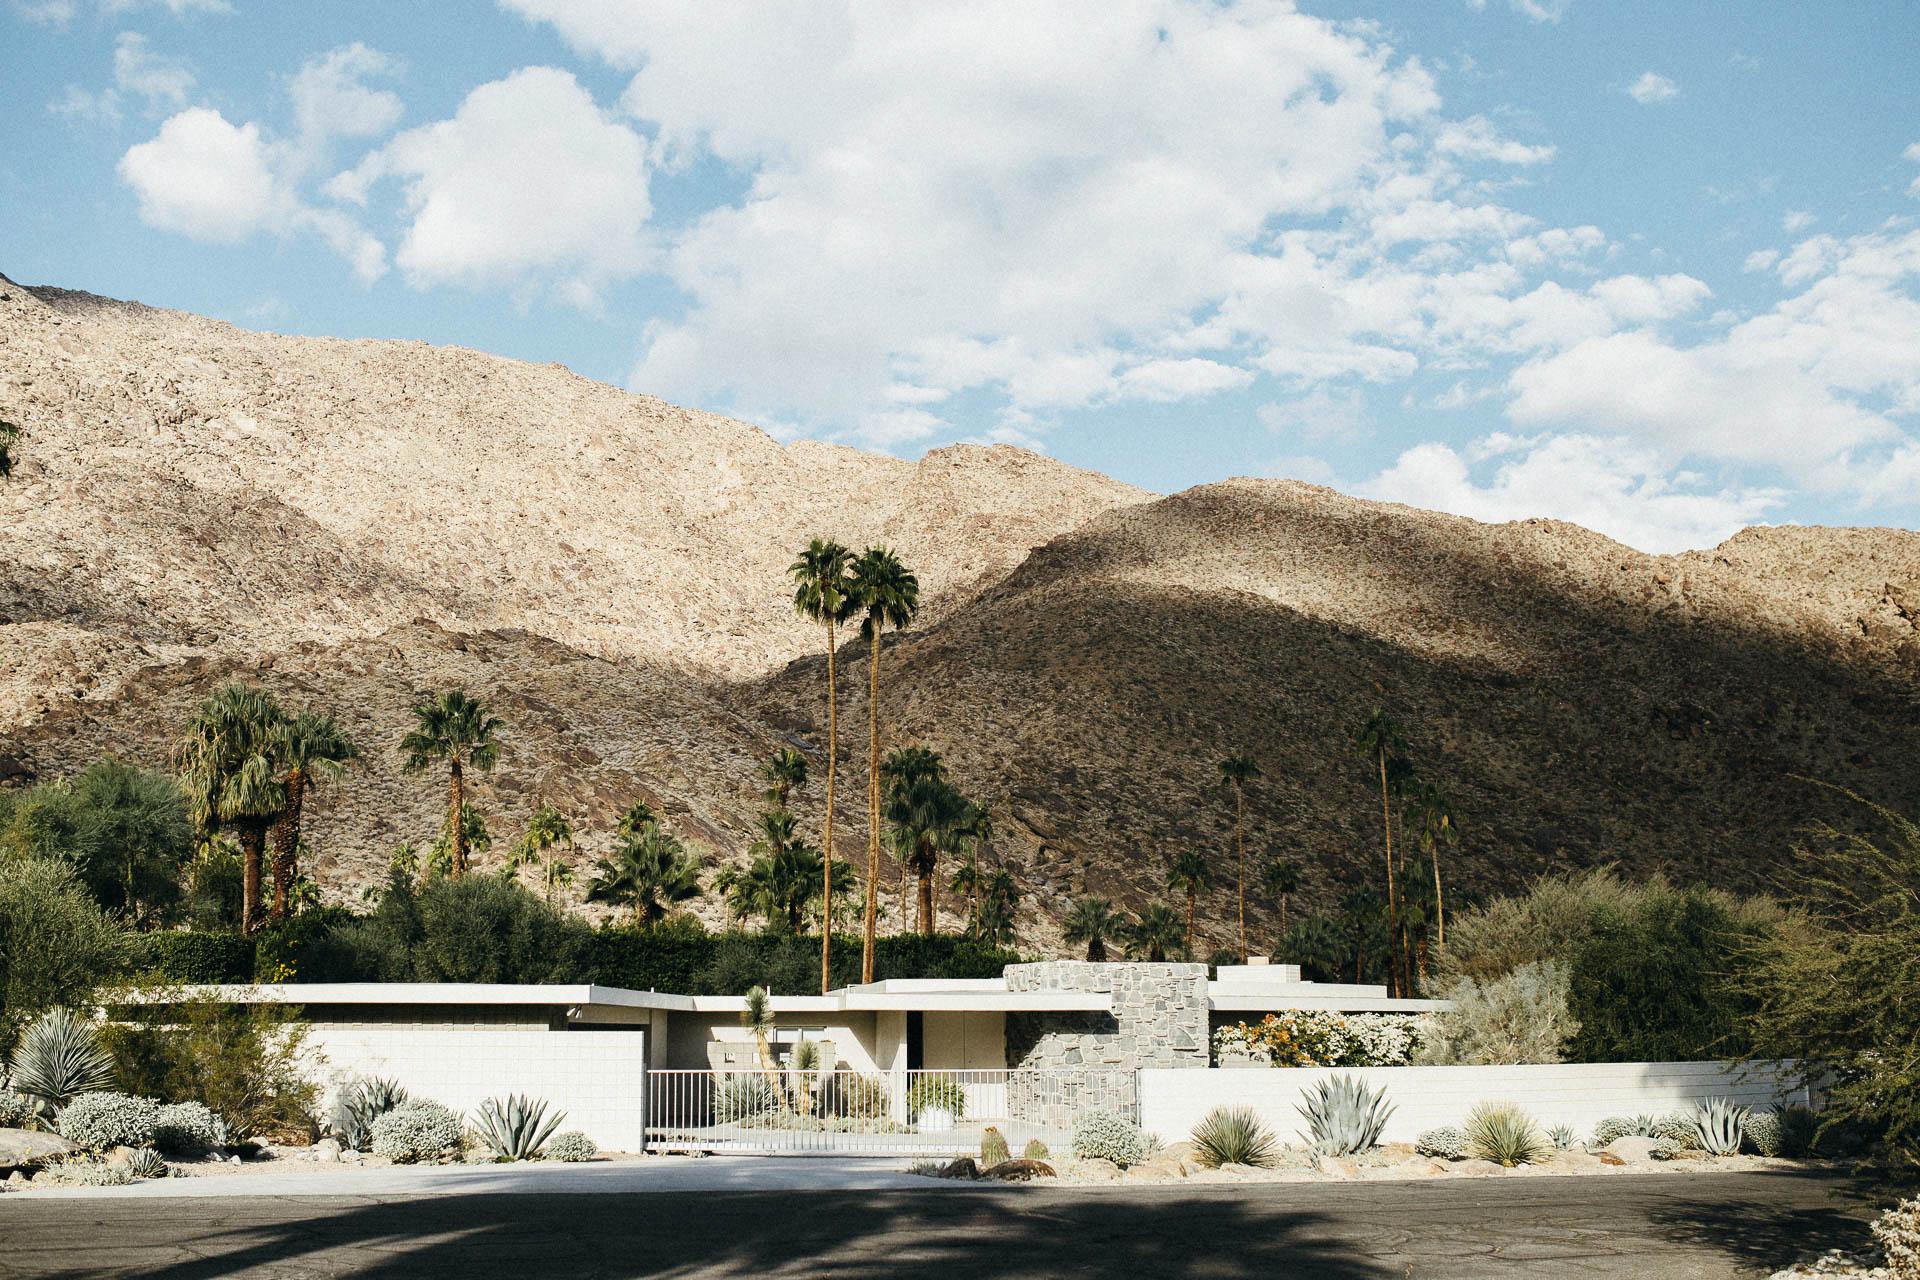 PalmSprings_JeanLaurentGaudy_014-California